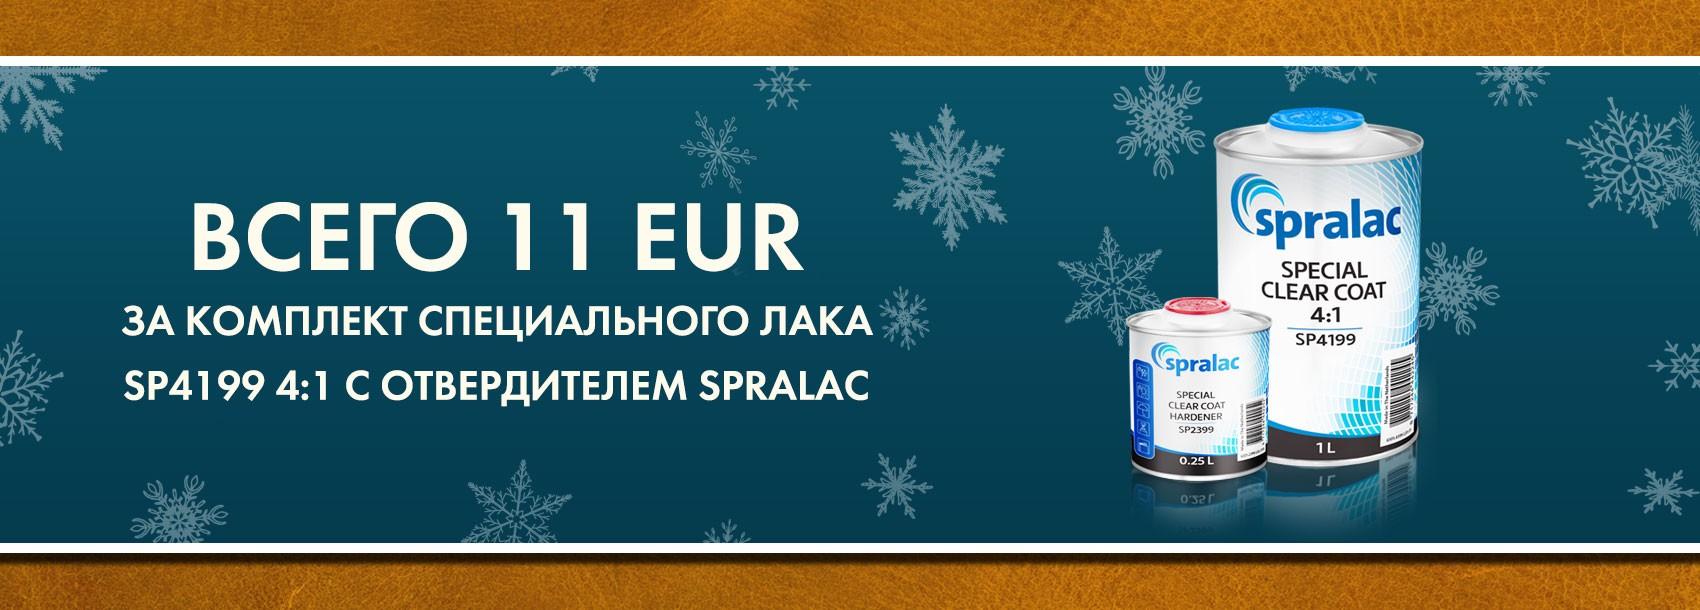 11 Евро за комплект специального лака с отвердителем Spralac